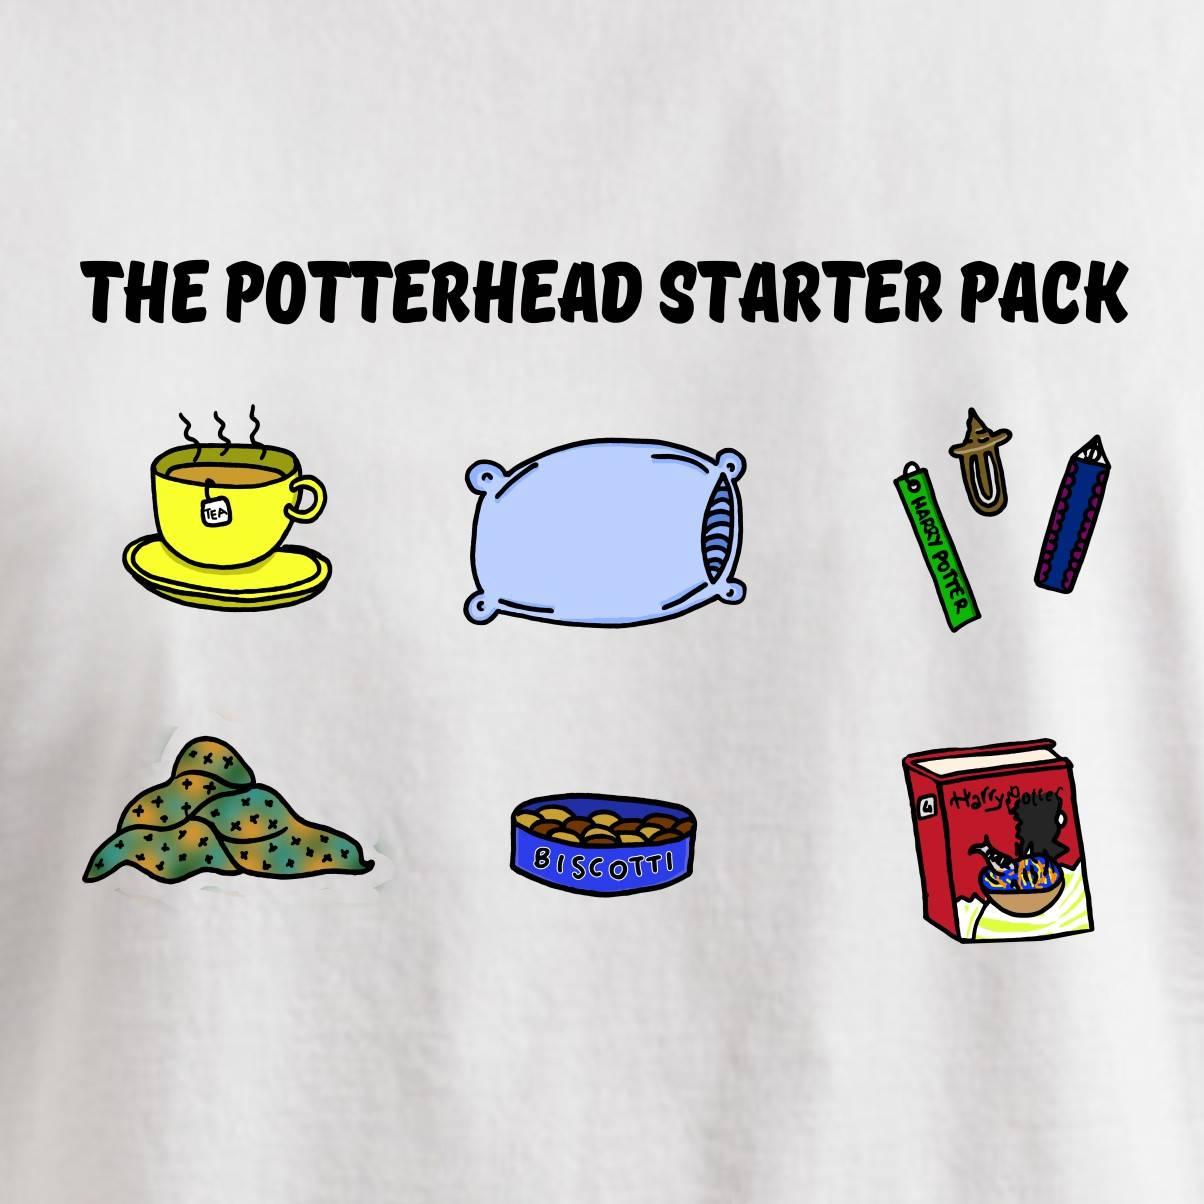 POTTERHEAD STARTER PACK